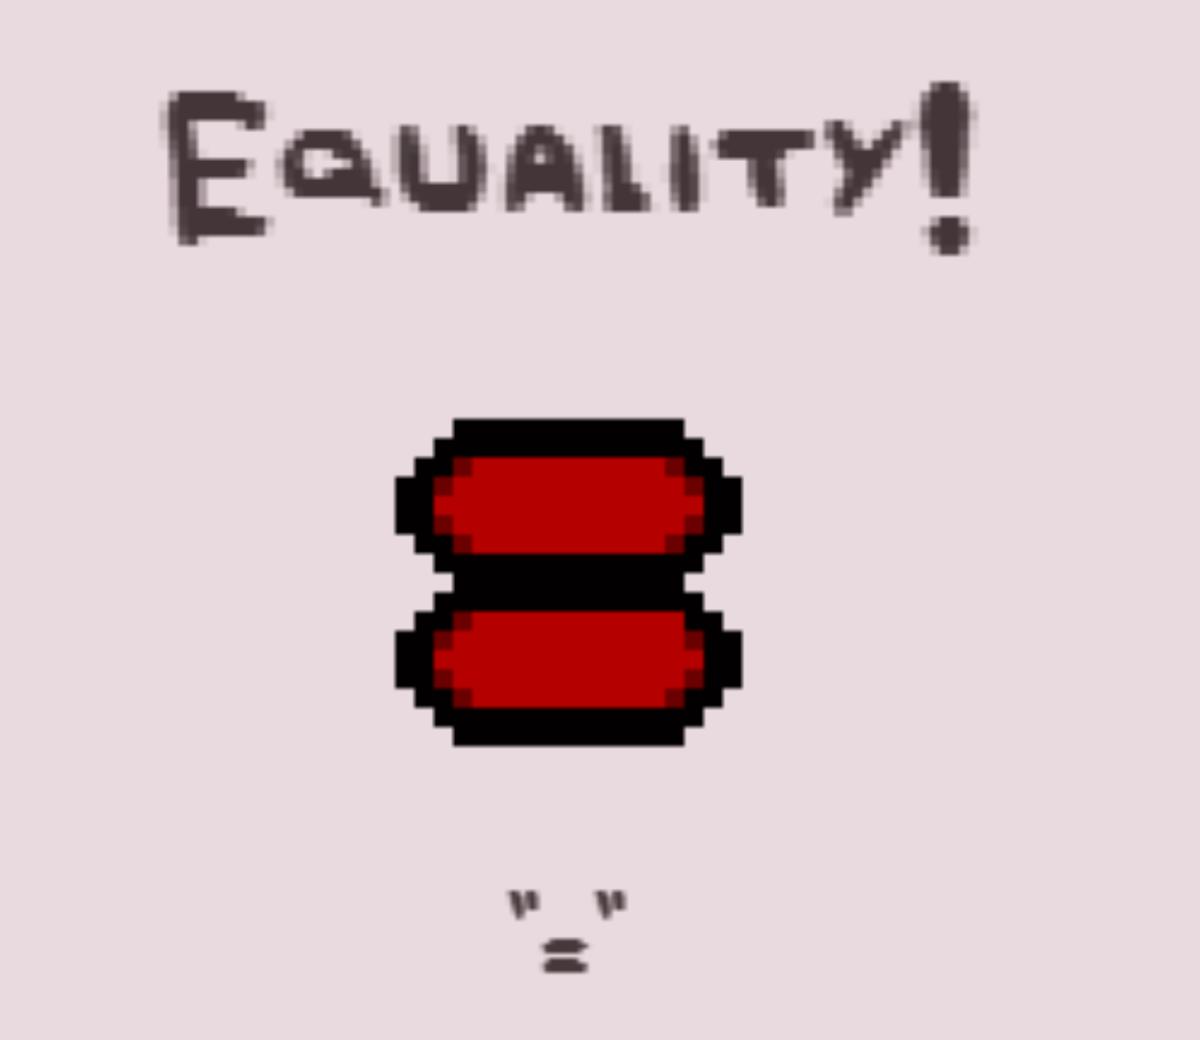 Equality!